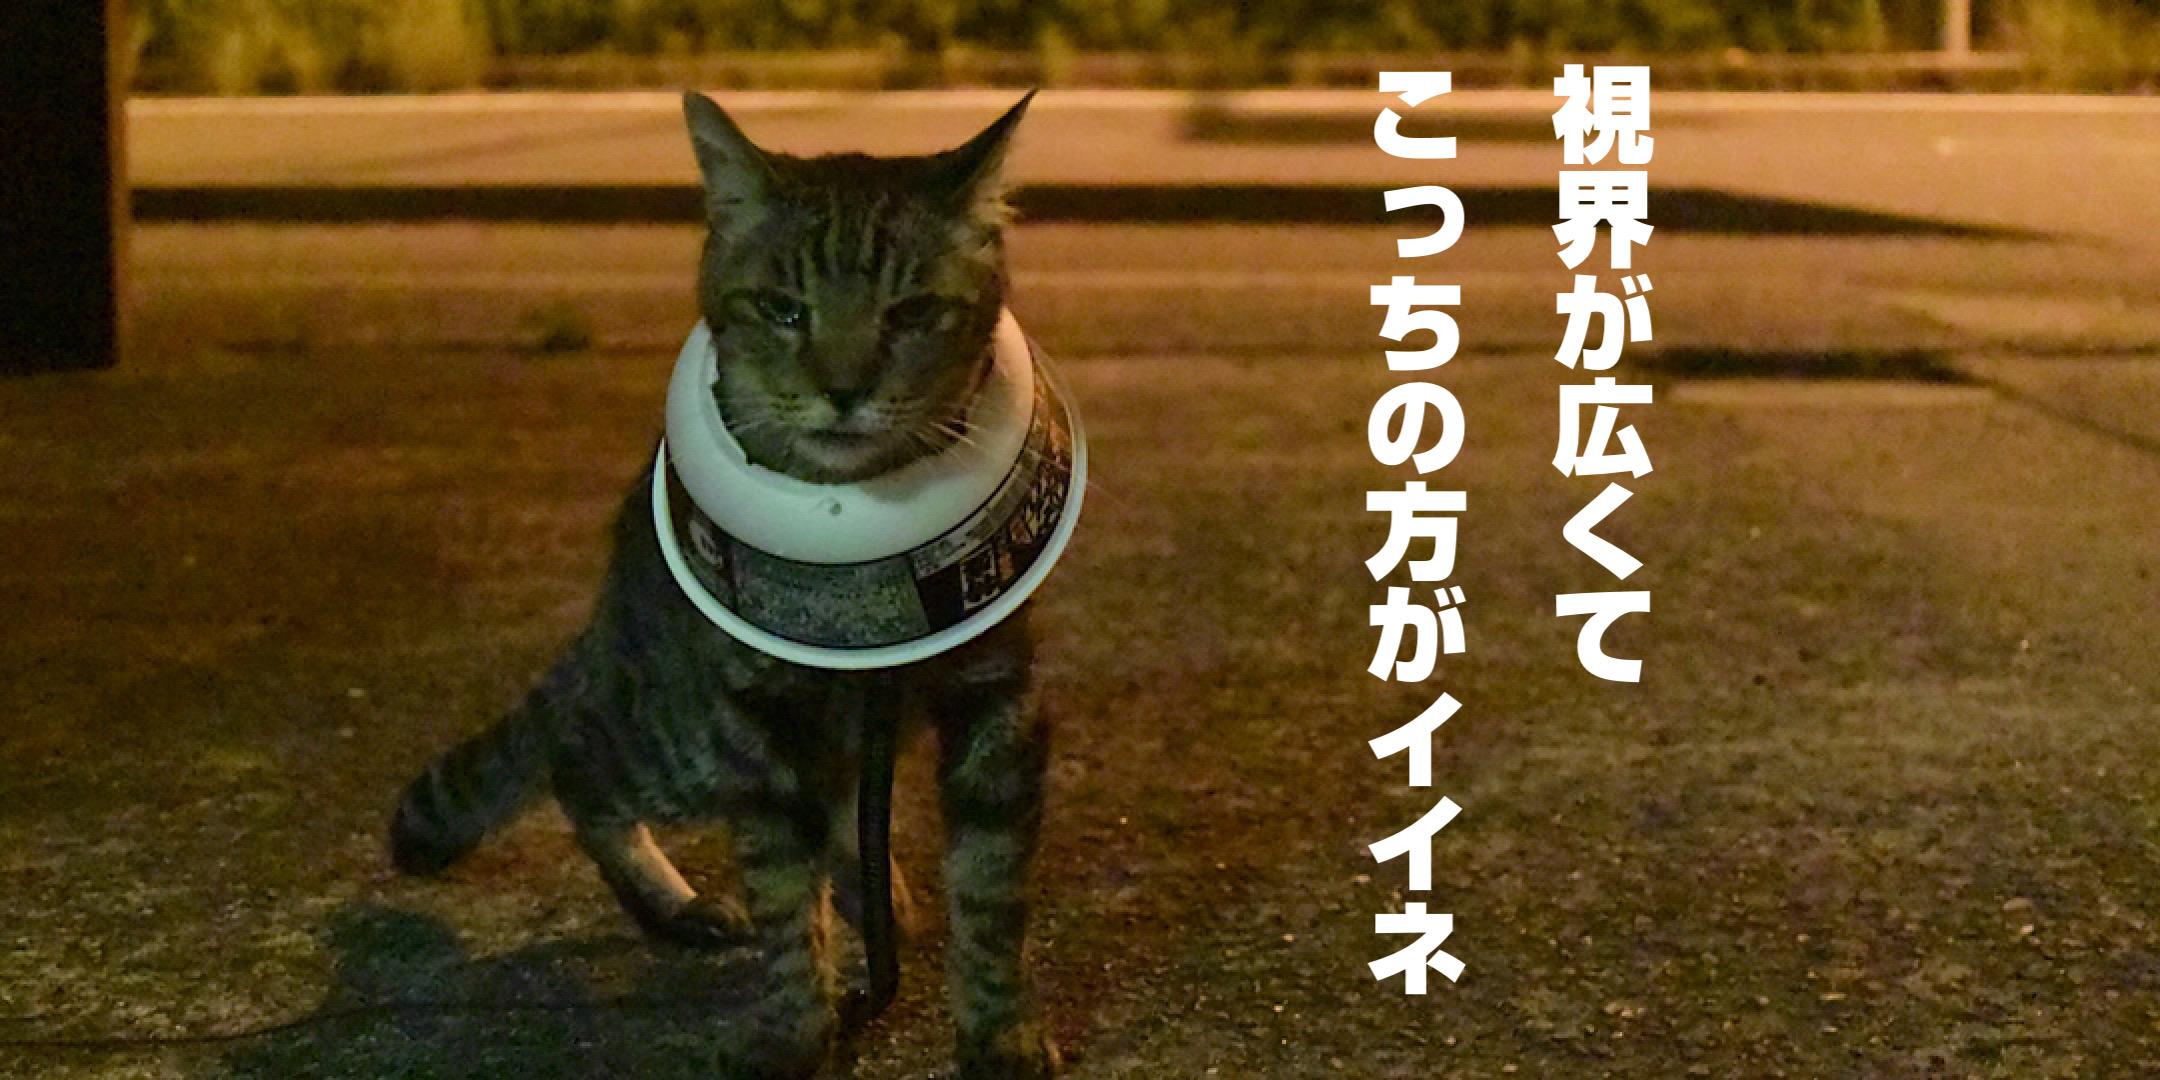 どん兵衛カラーで歩く猫